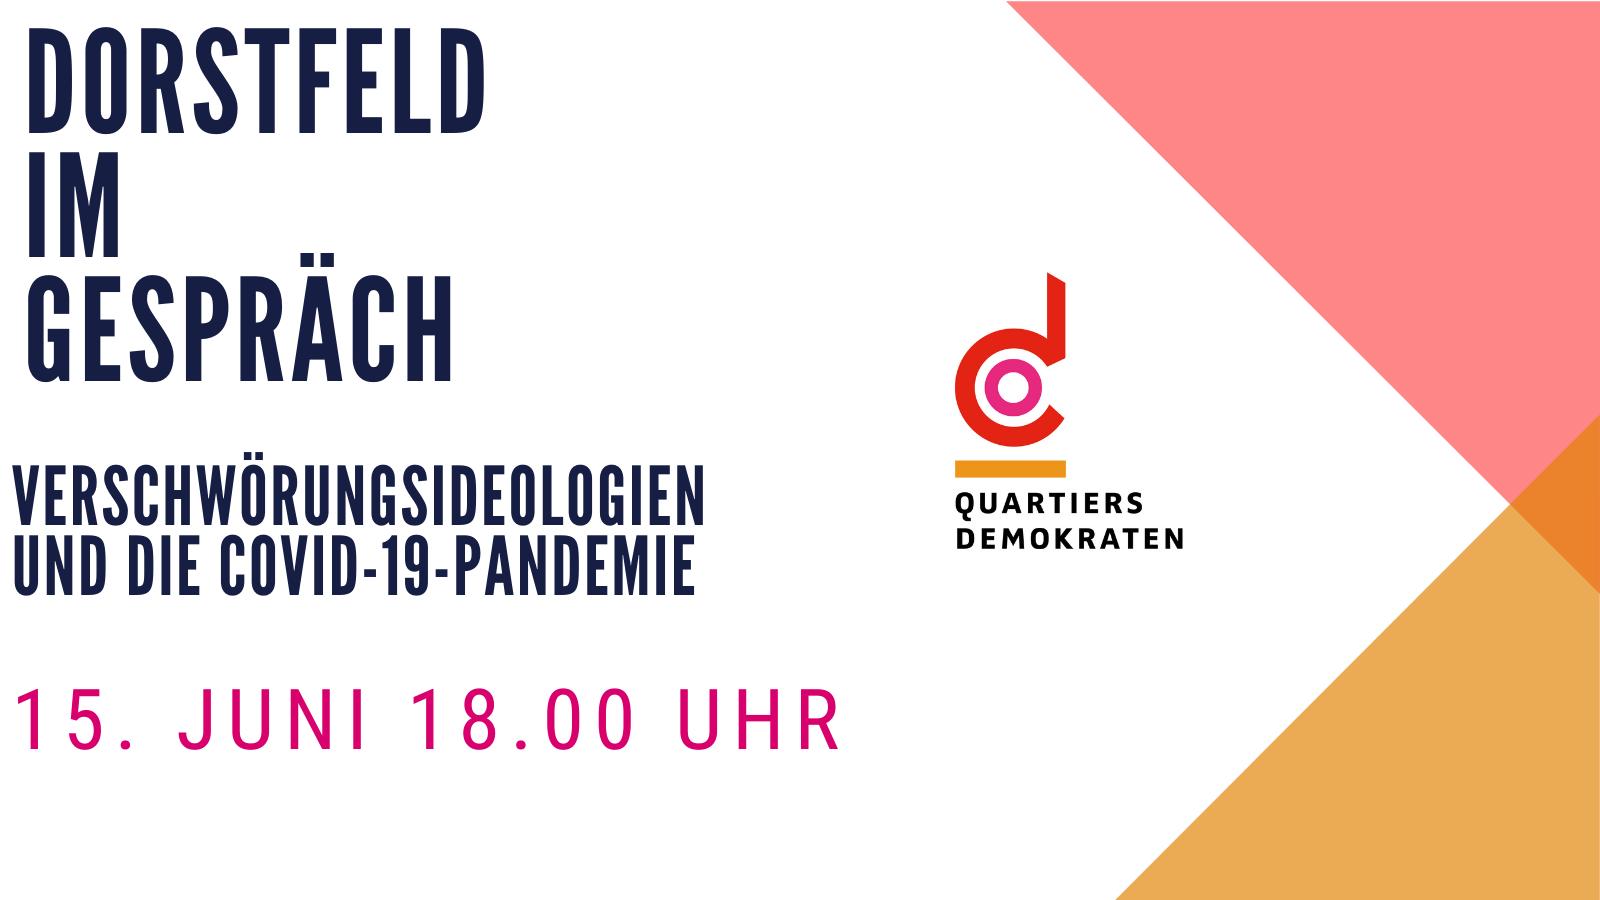 Dorstfeld im Gespräch: Verschwörungsideologien und die COVID-19-Pandemie